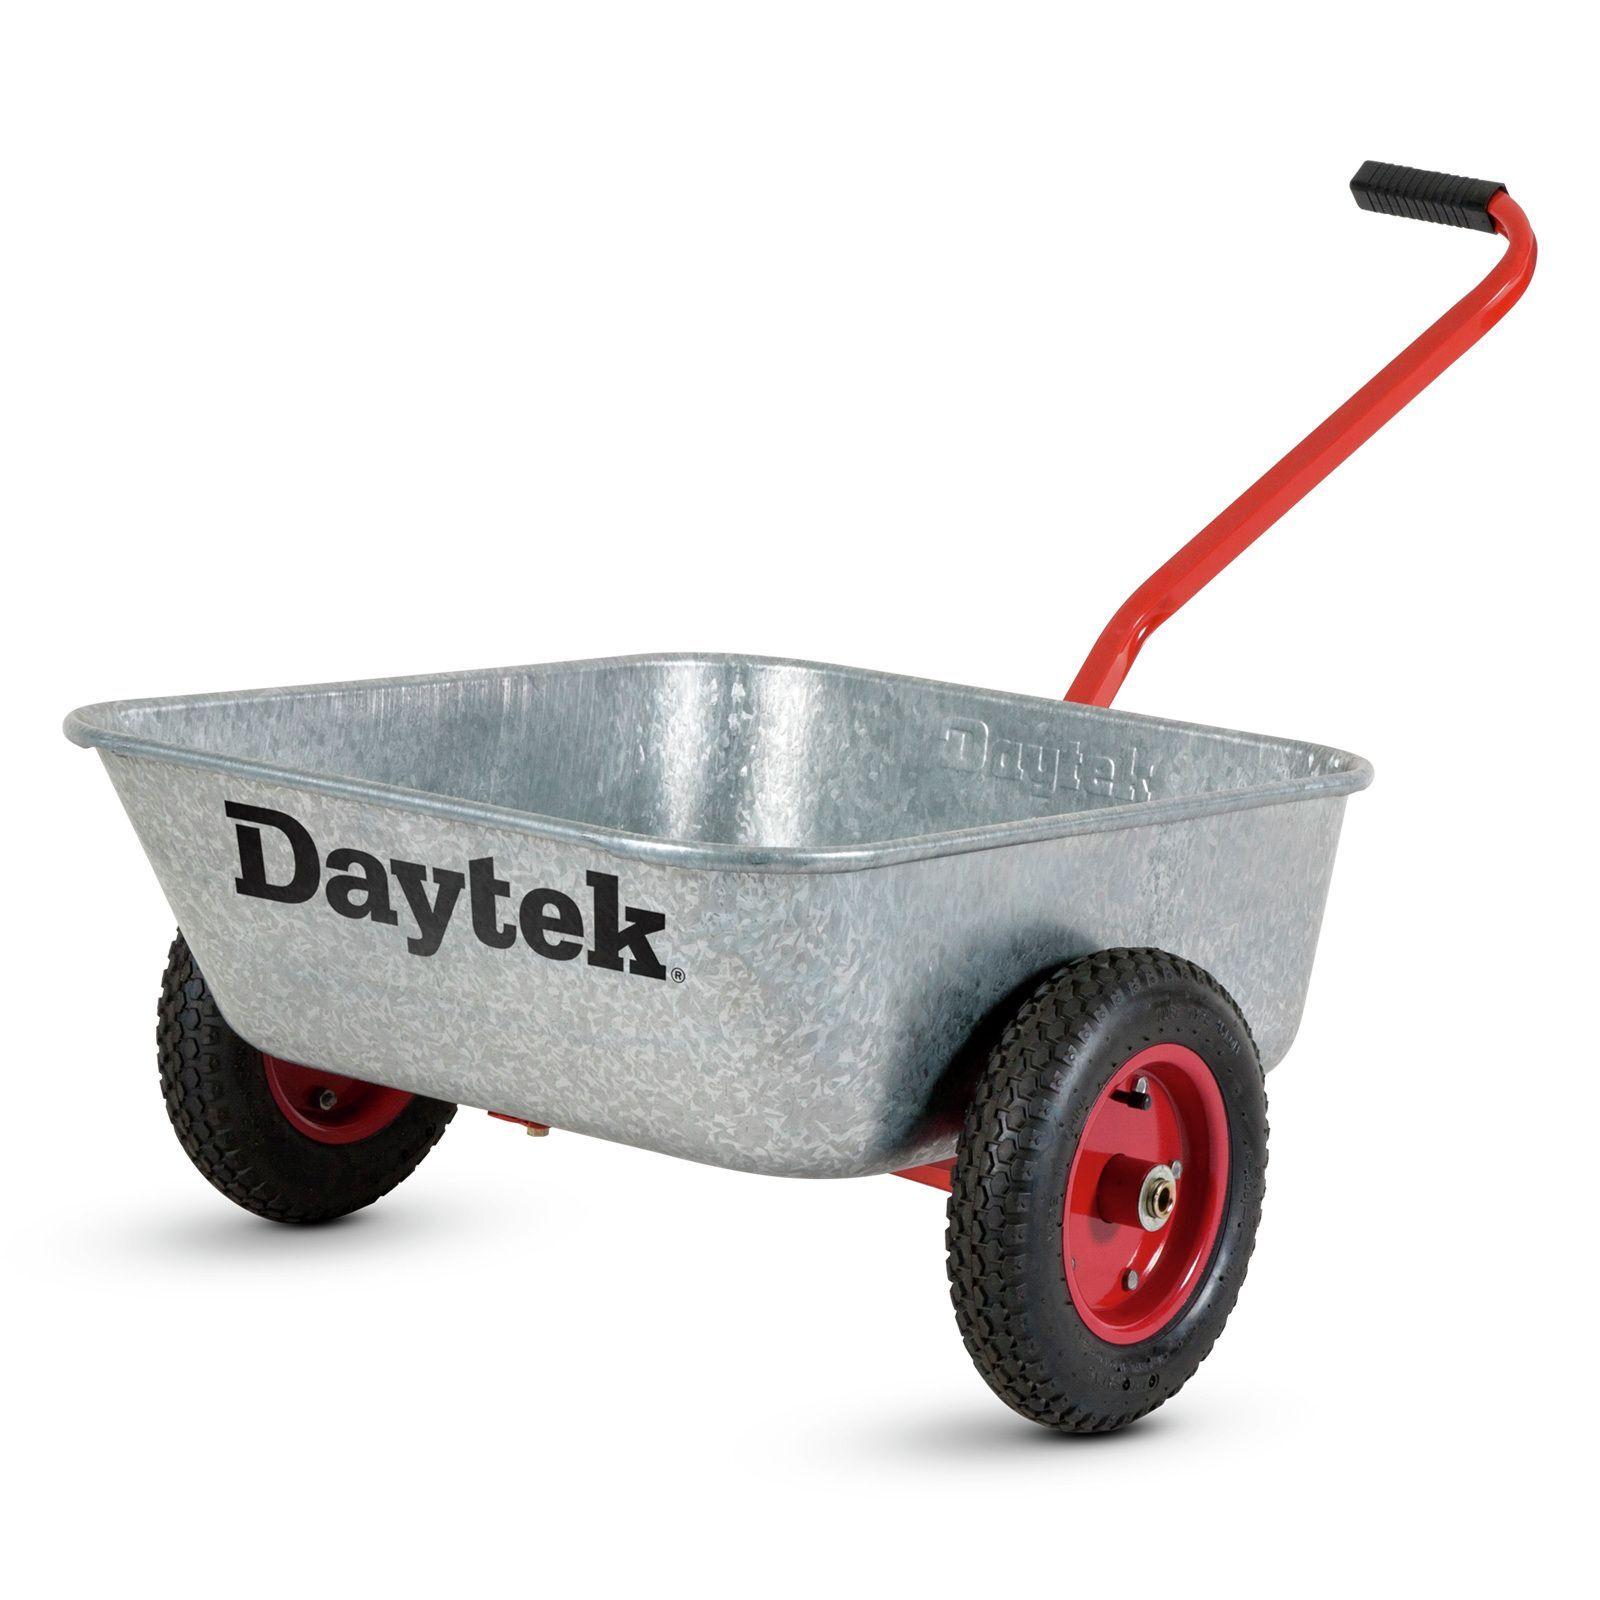 Daytek 70L Home Handy Wheelbarrow